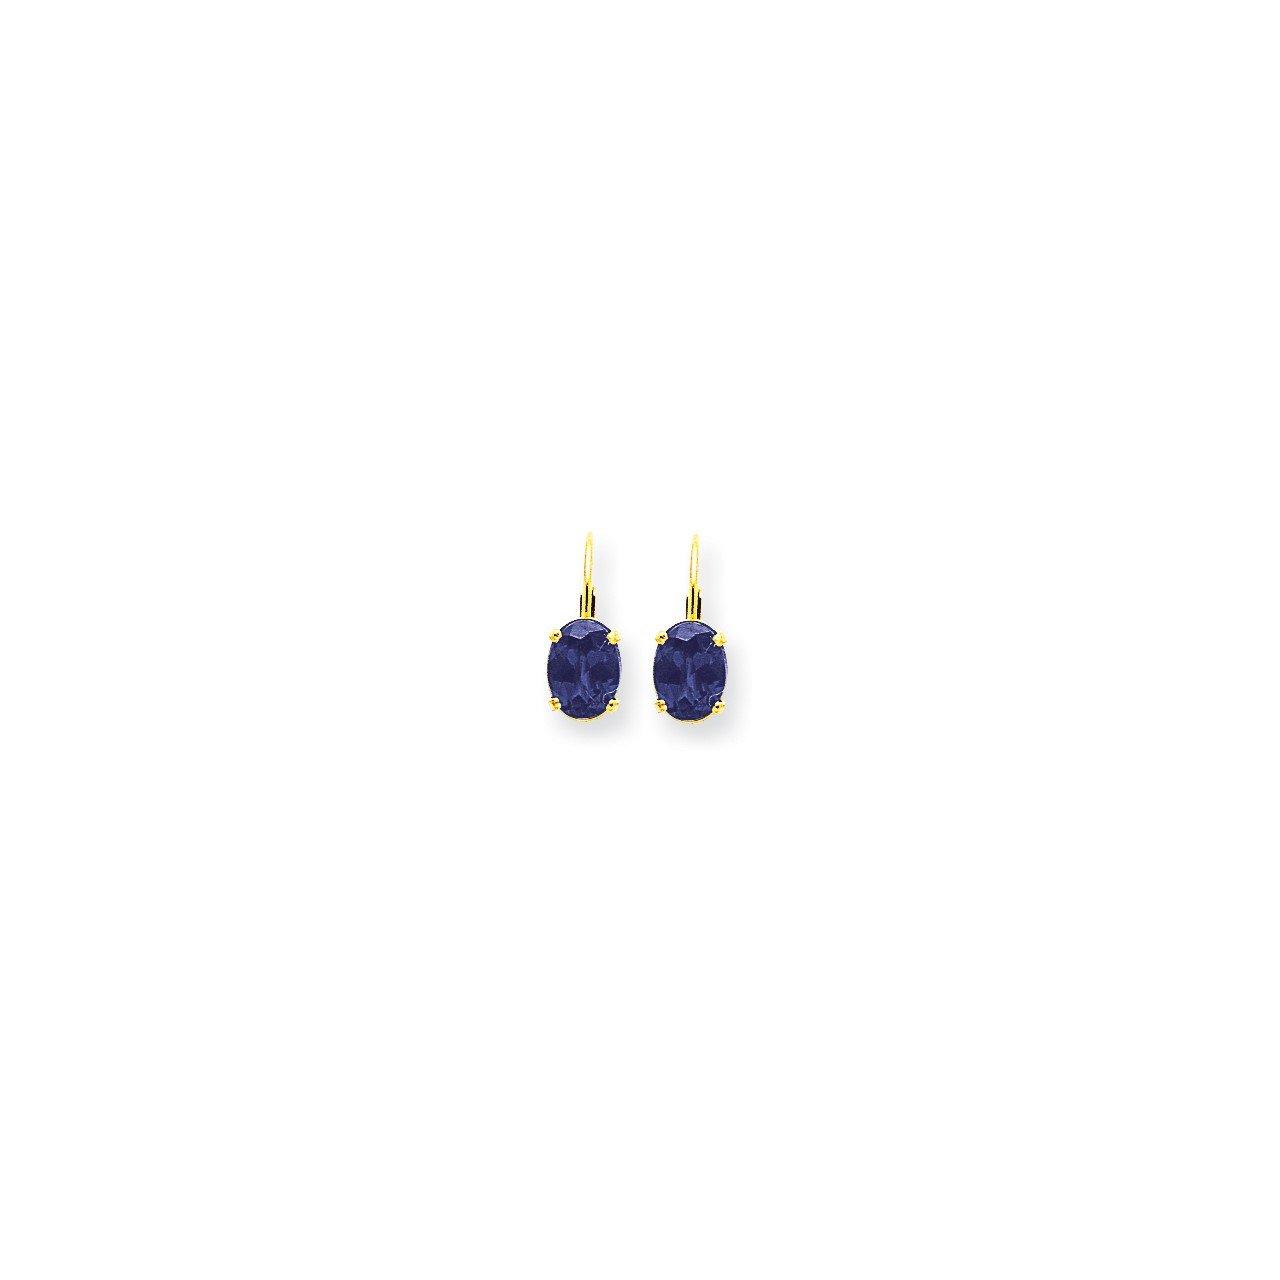 14k 8x6mm Oval Tanzanite leverback earring